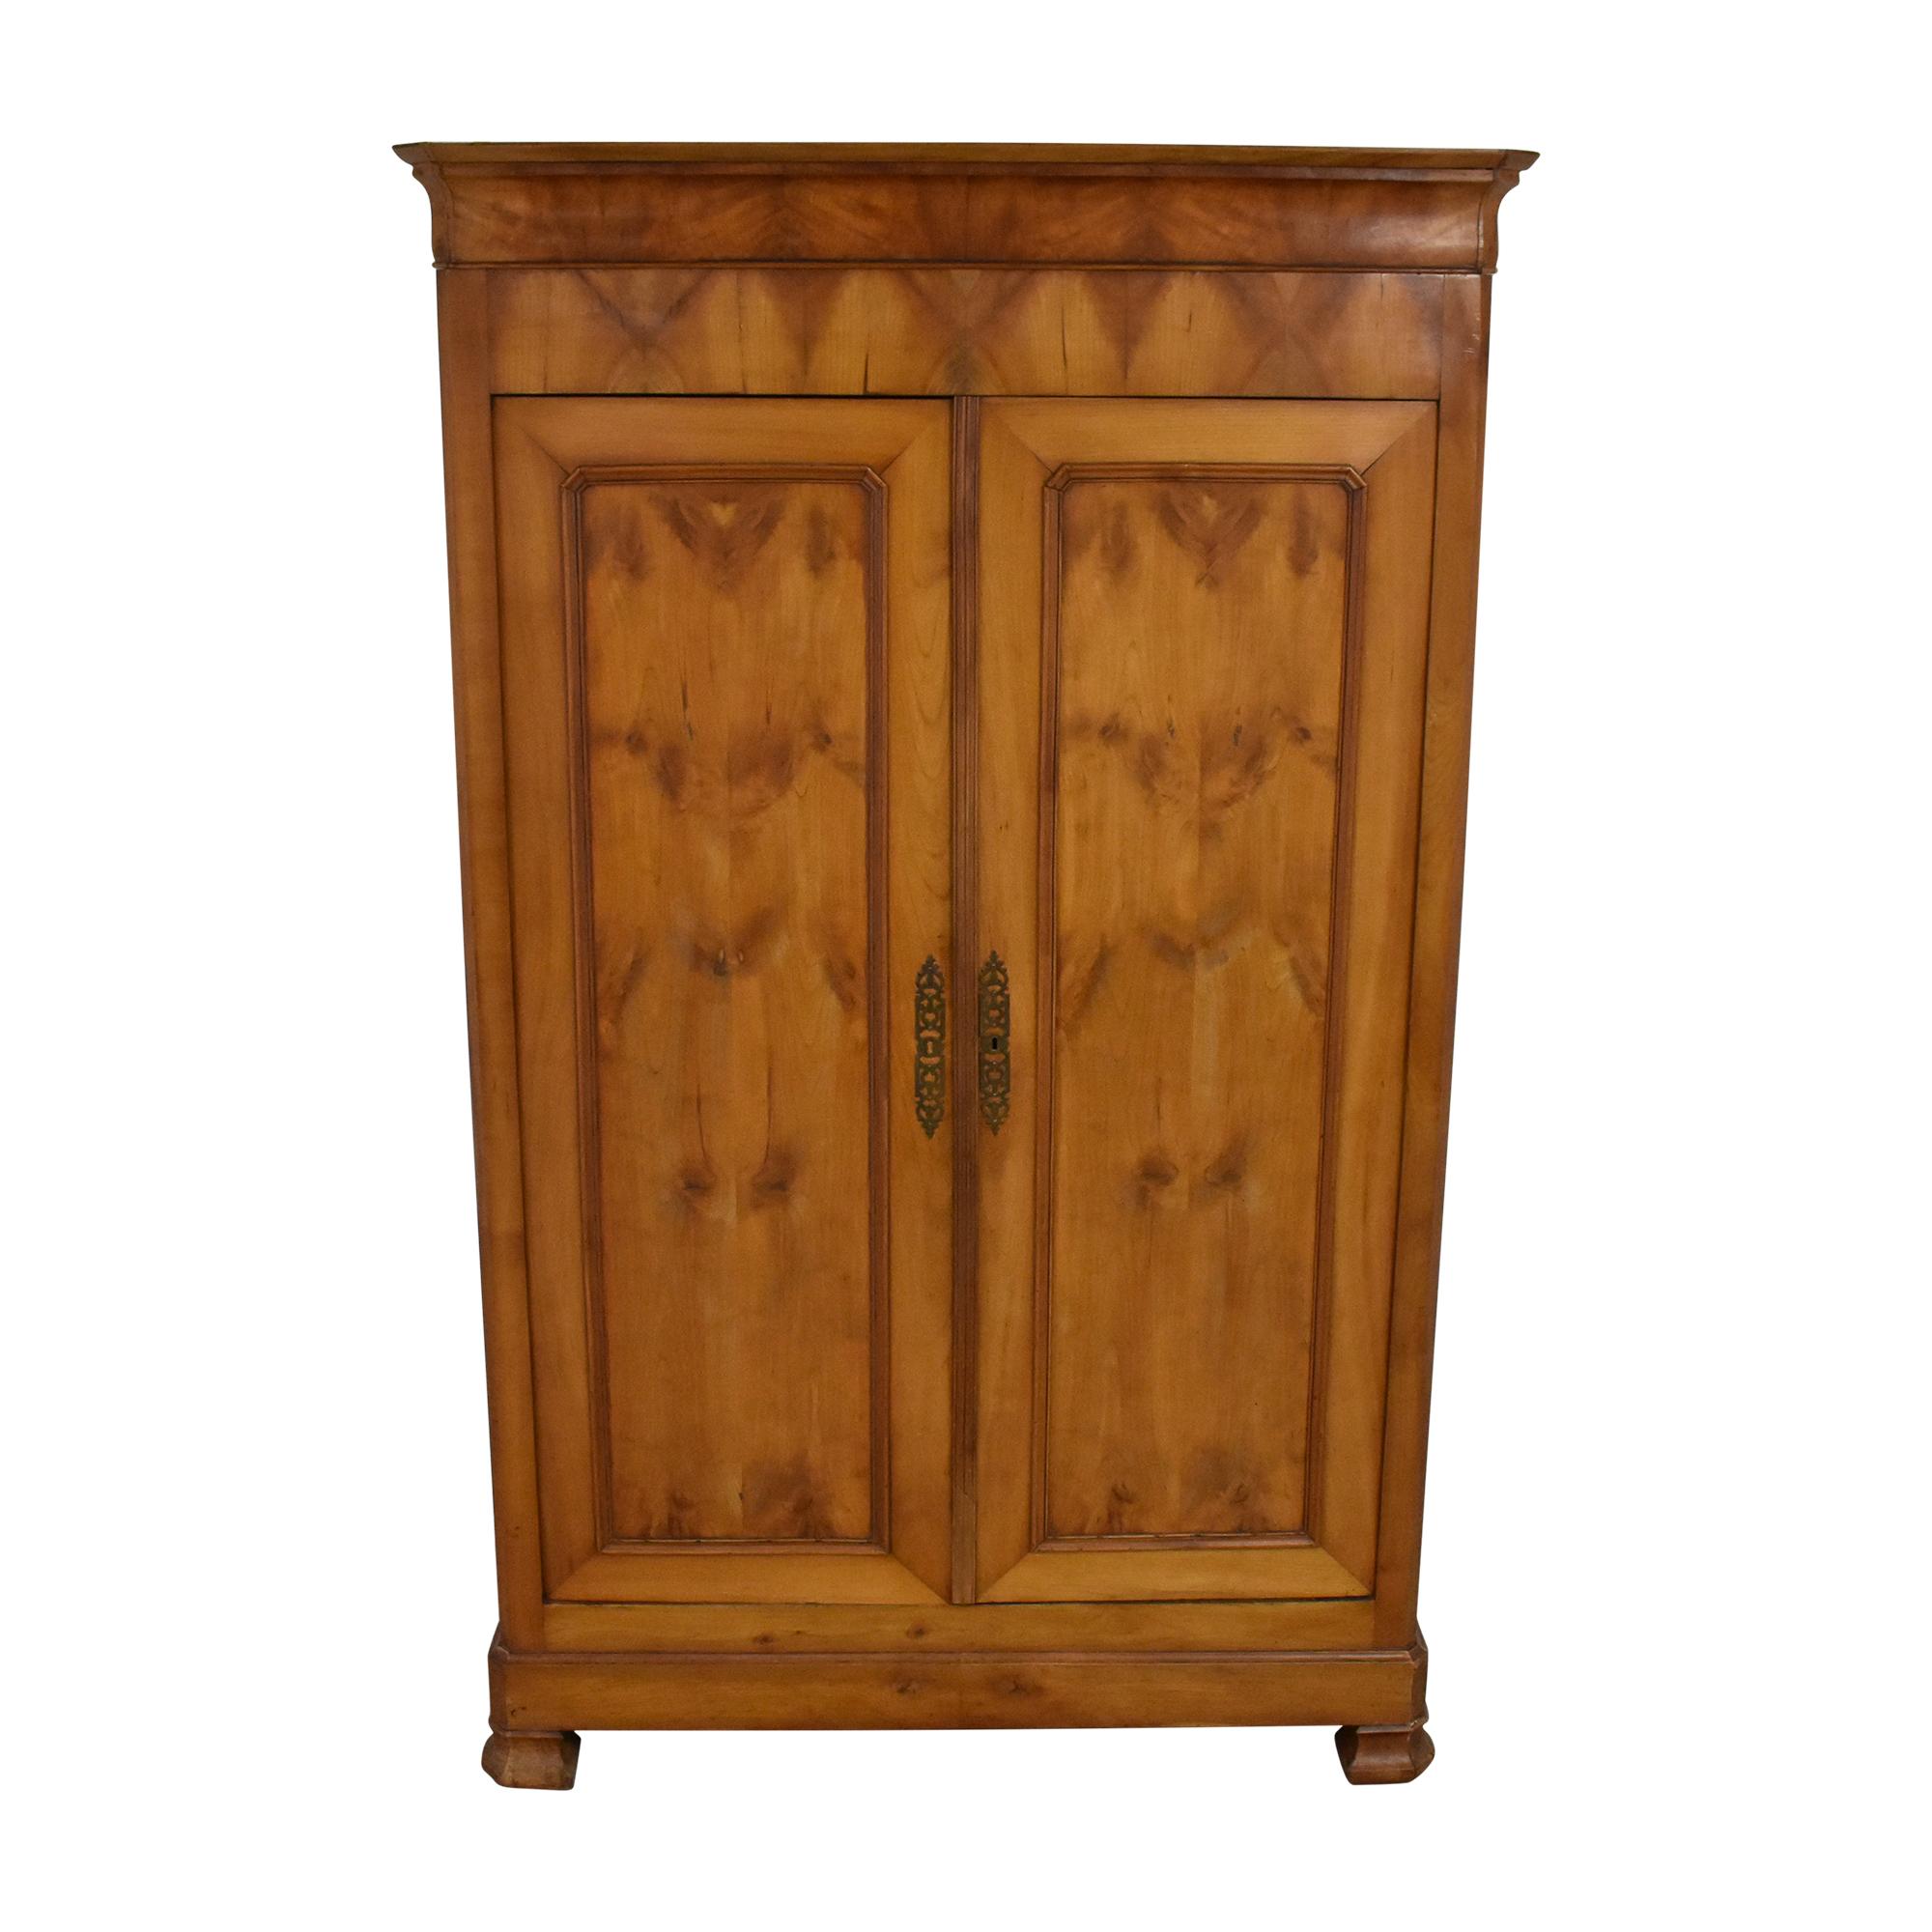 shop ABC Carpet & Home ABC Carpet & Home Two Door Armoire online